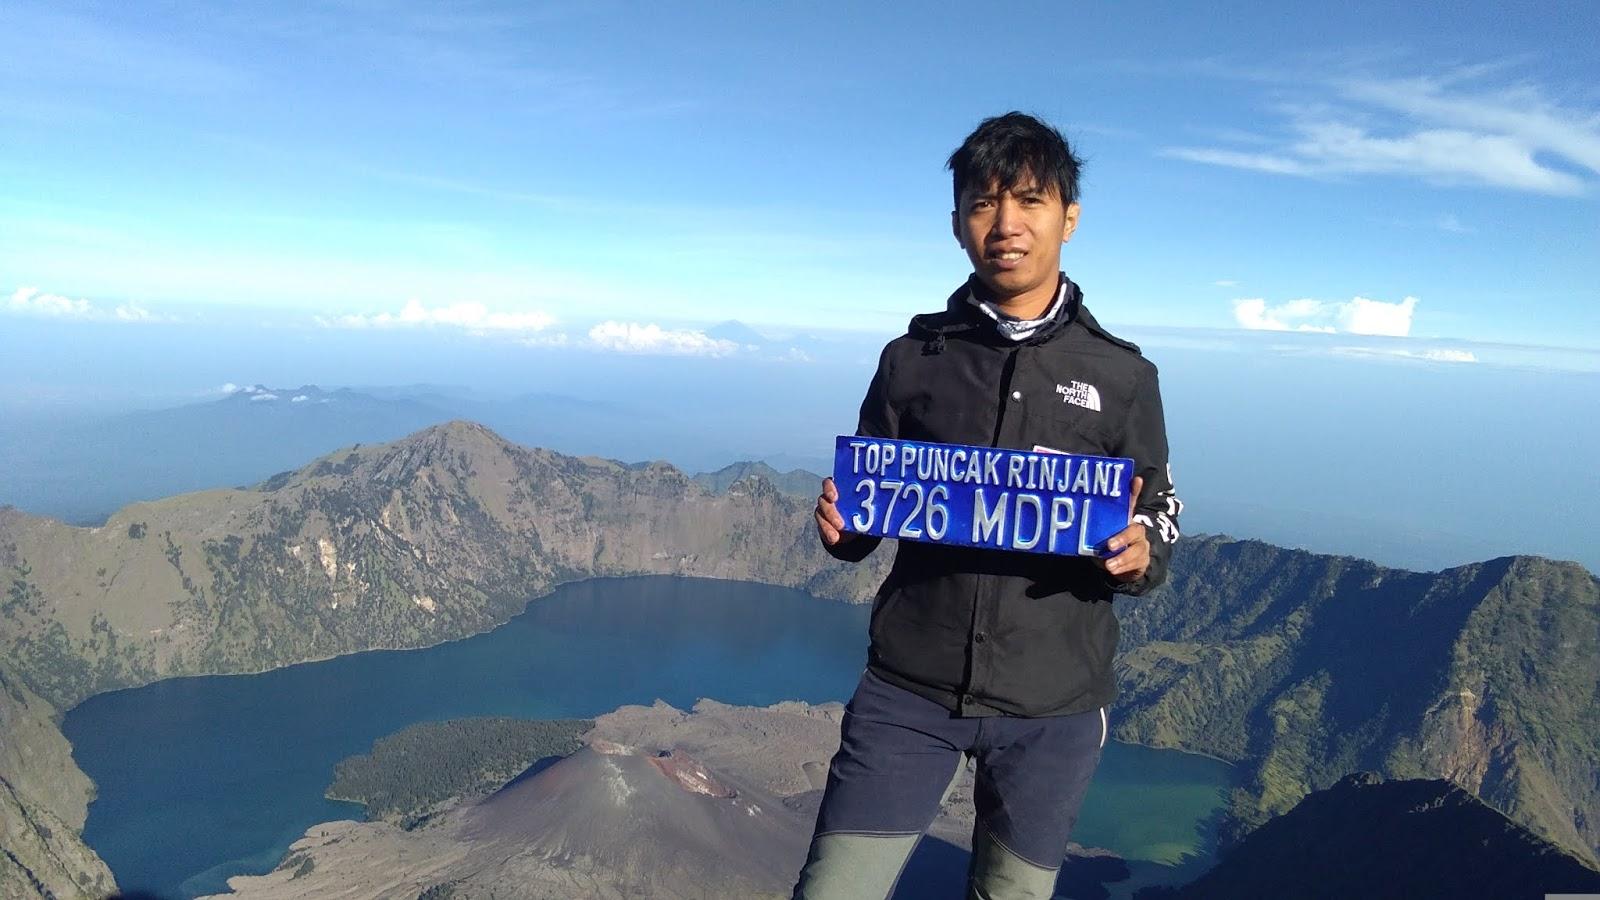 7 Summit Mountain Indonesia